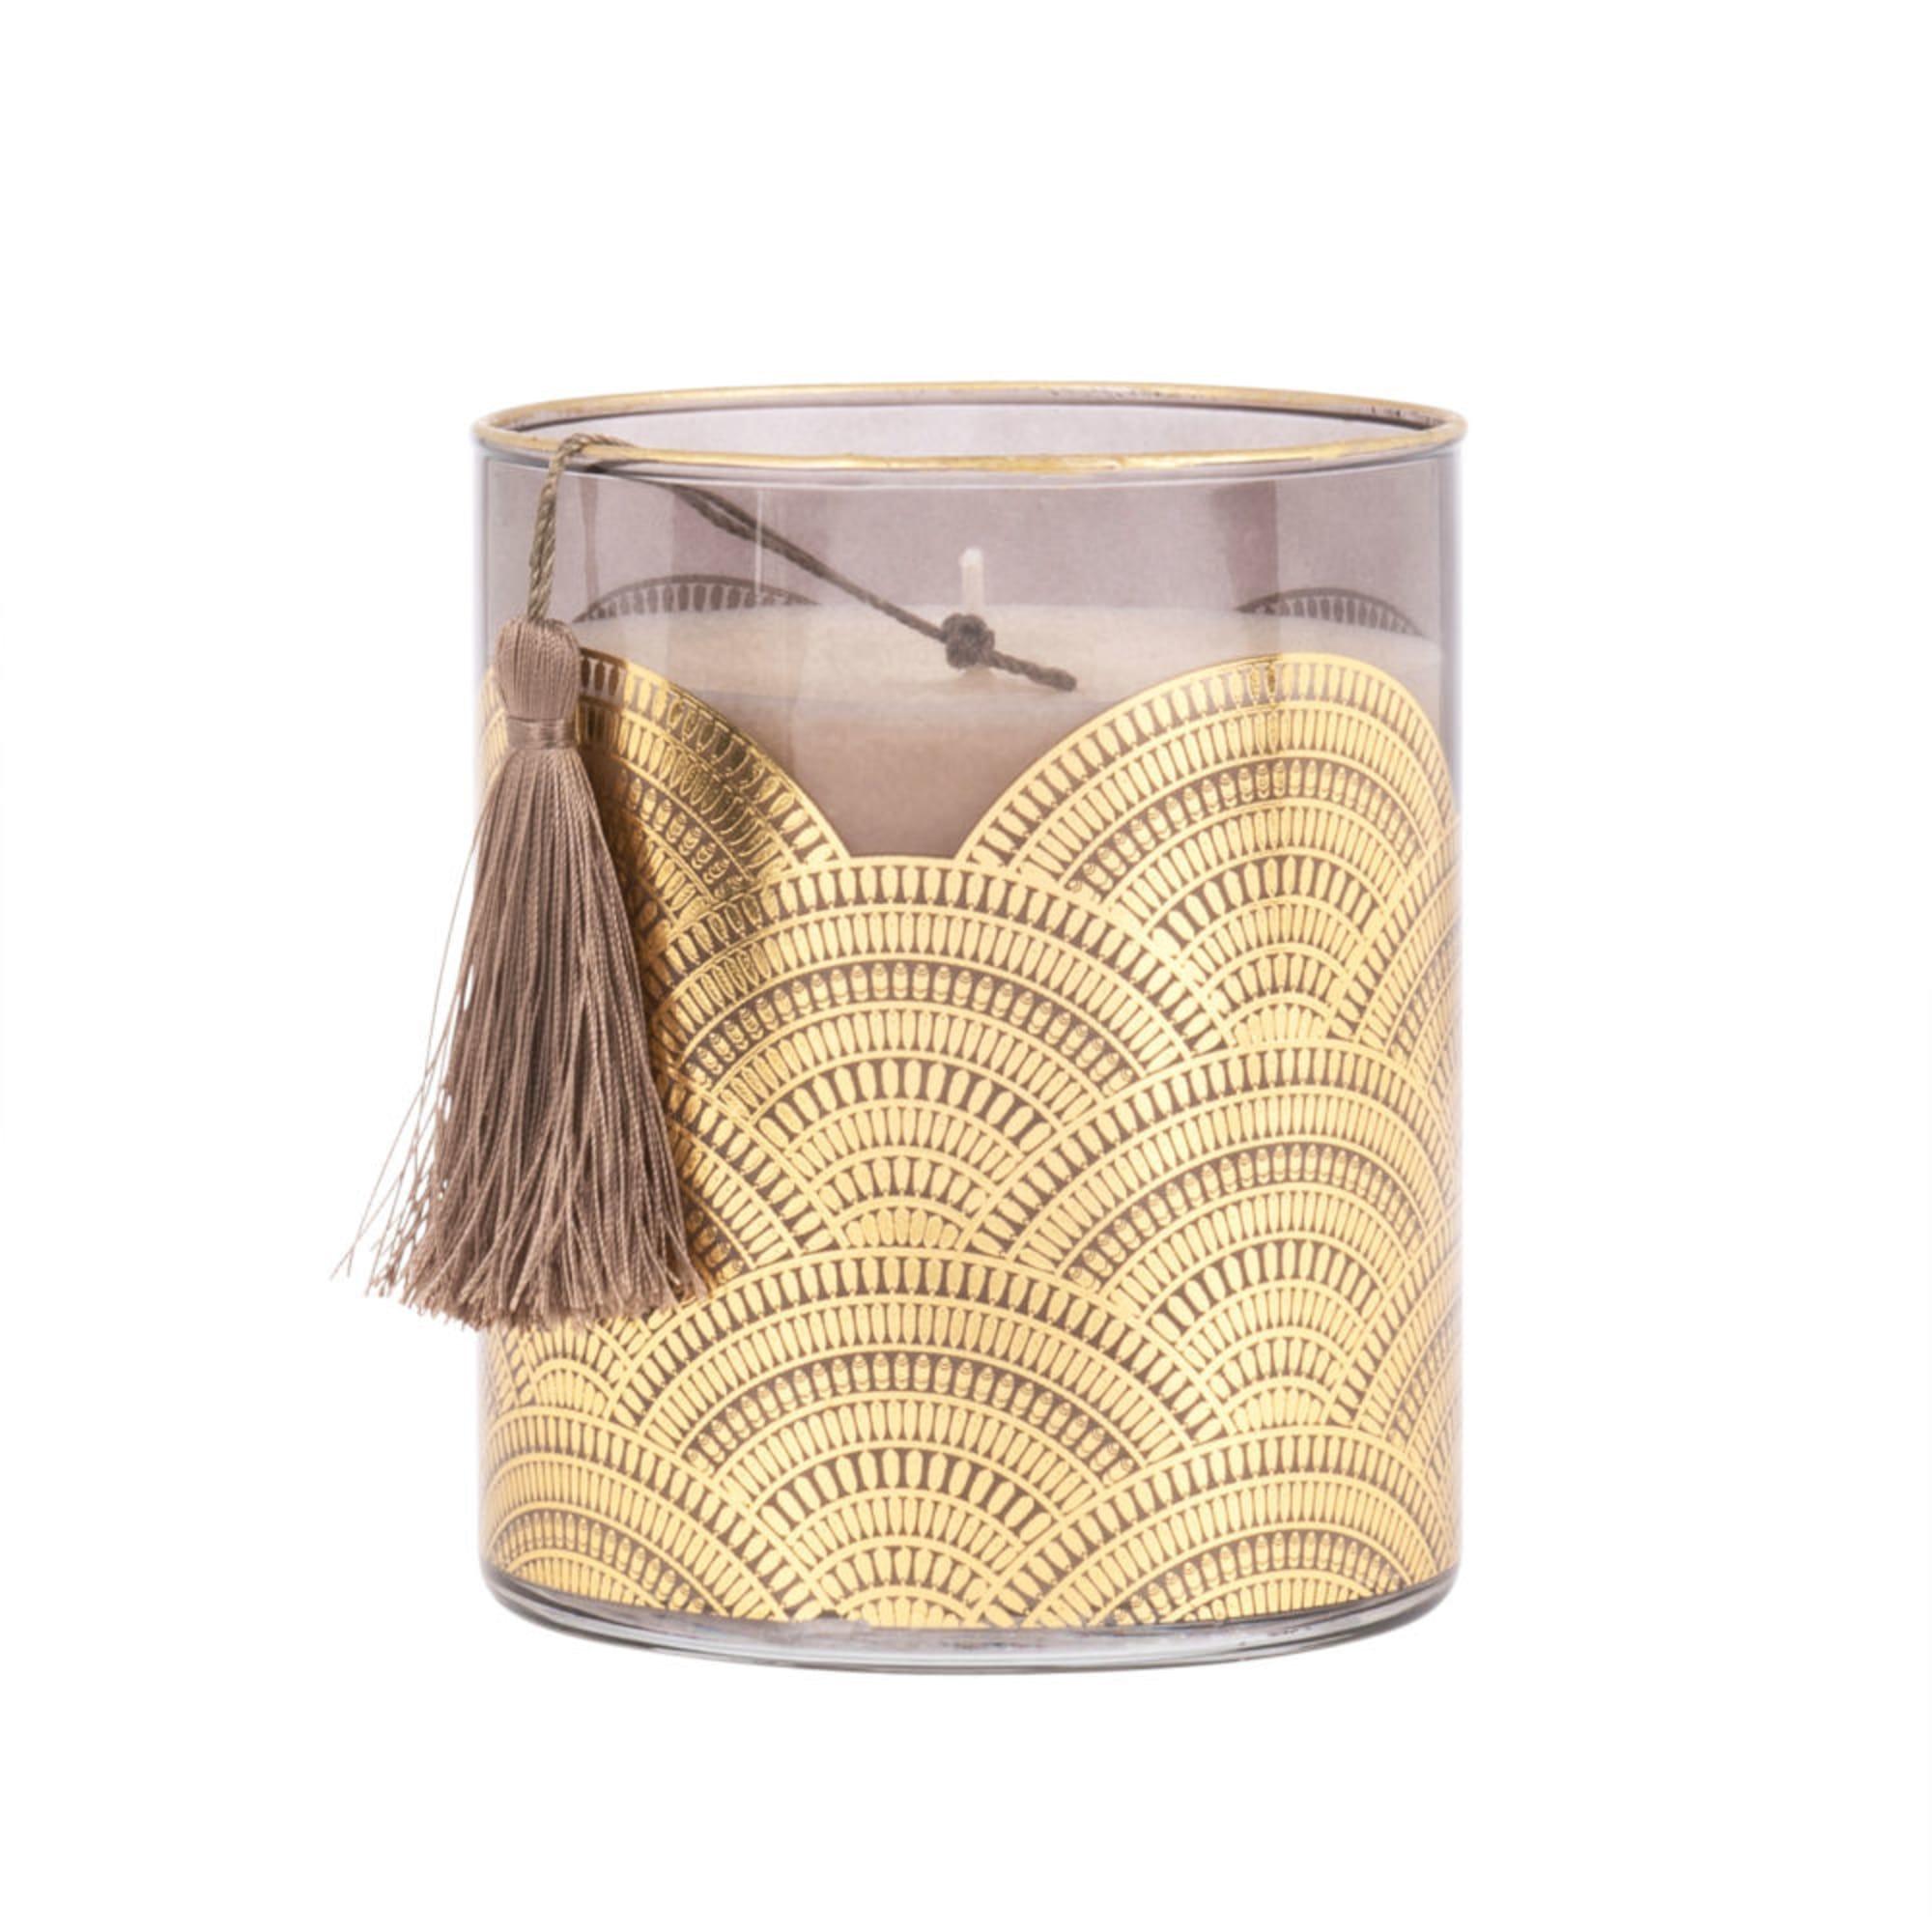 Vela perfumada en tarro de cristal tintado con motivos decorativos dorados